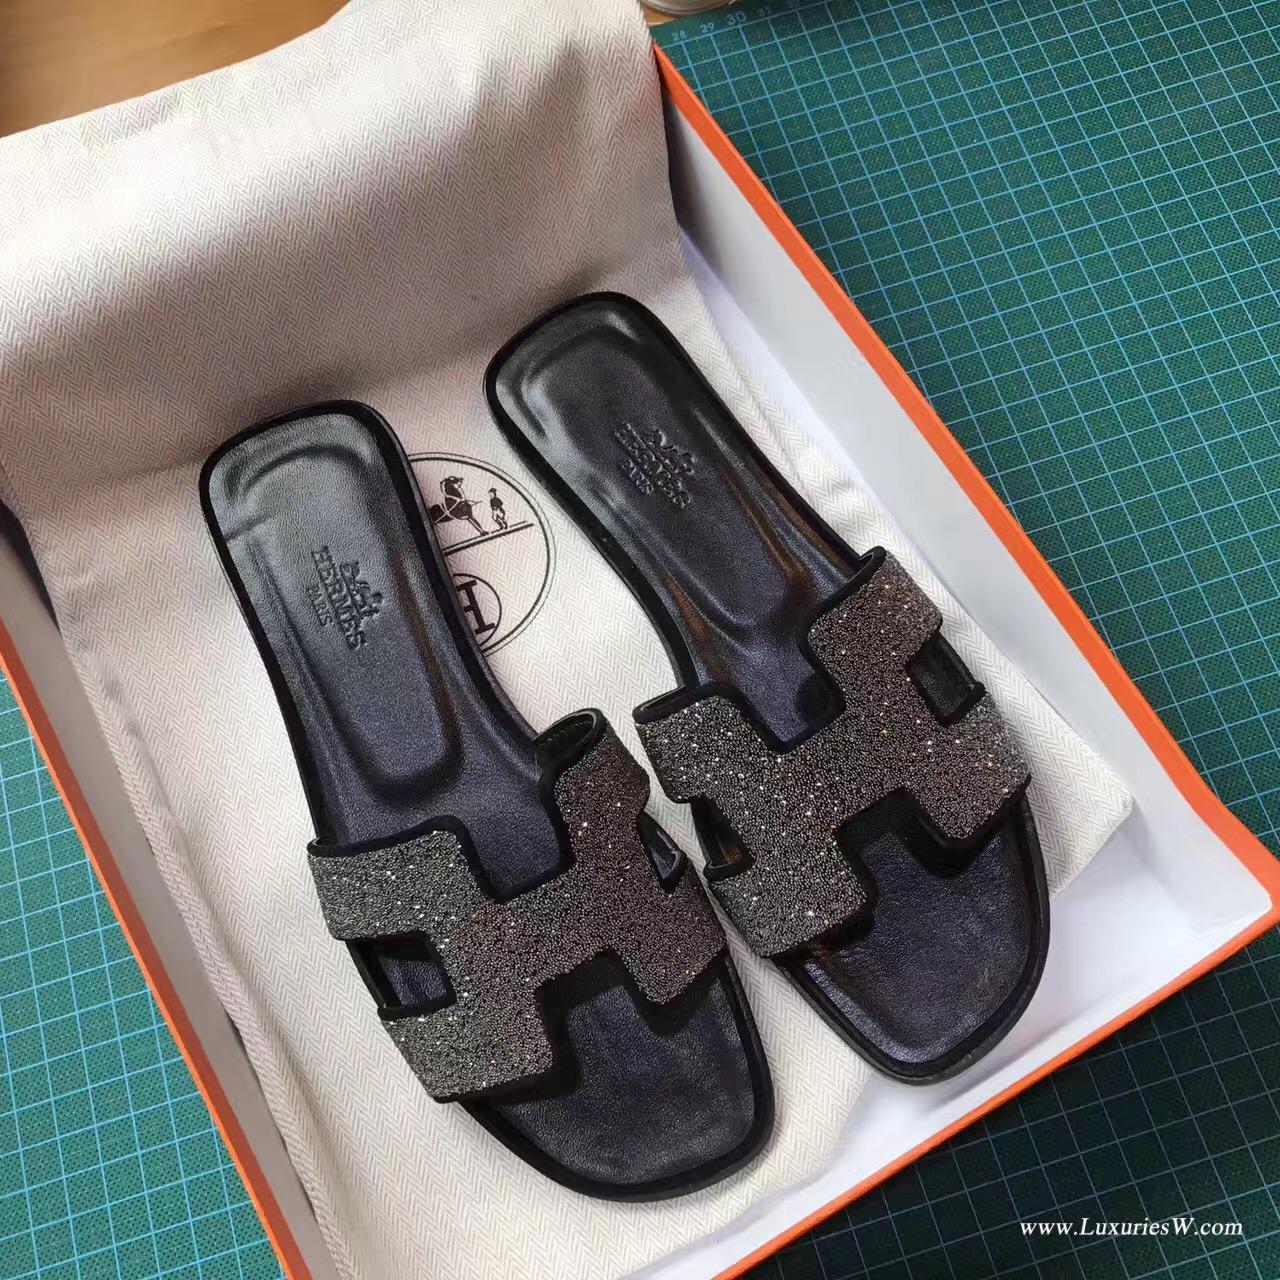 愛馬仕Hermes 經典款女士涼鞋 H型拖鞋 黑色鉆 亮晶晶中跟 平底涼拖鞋